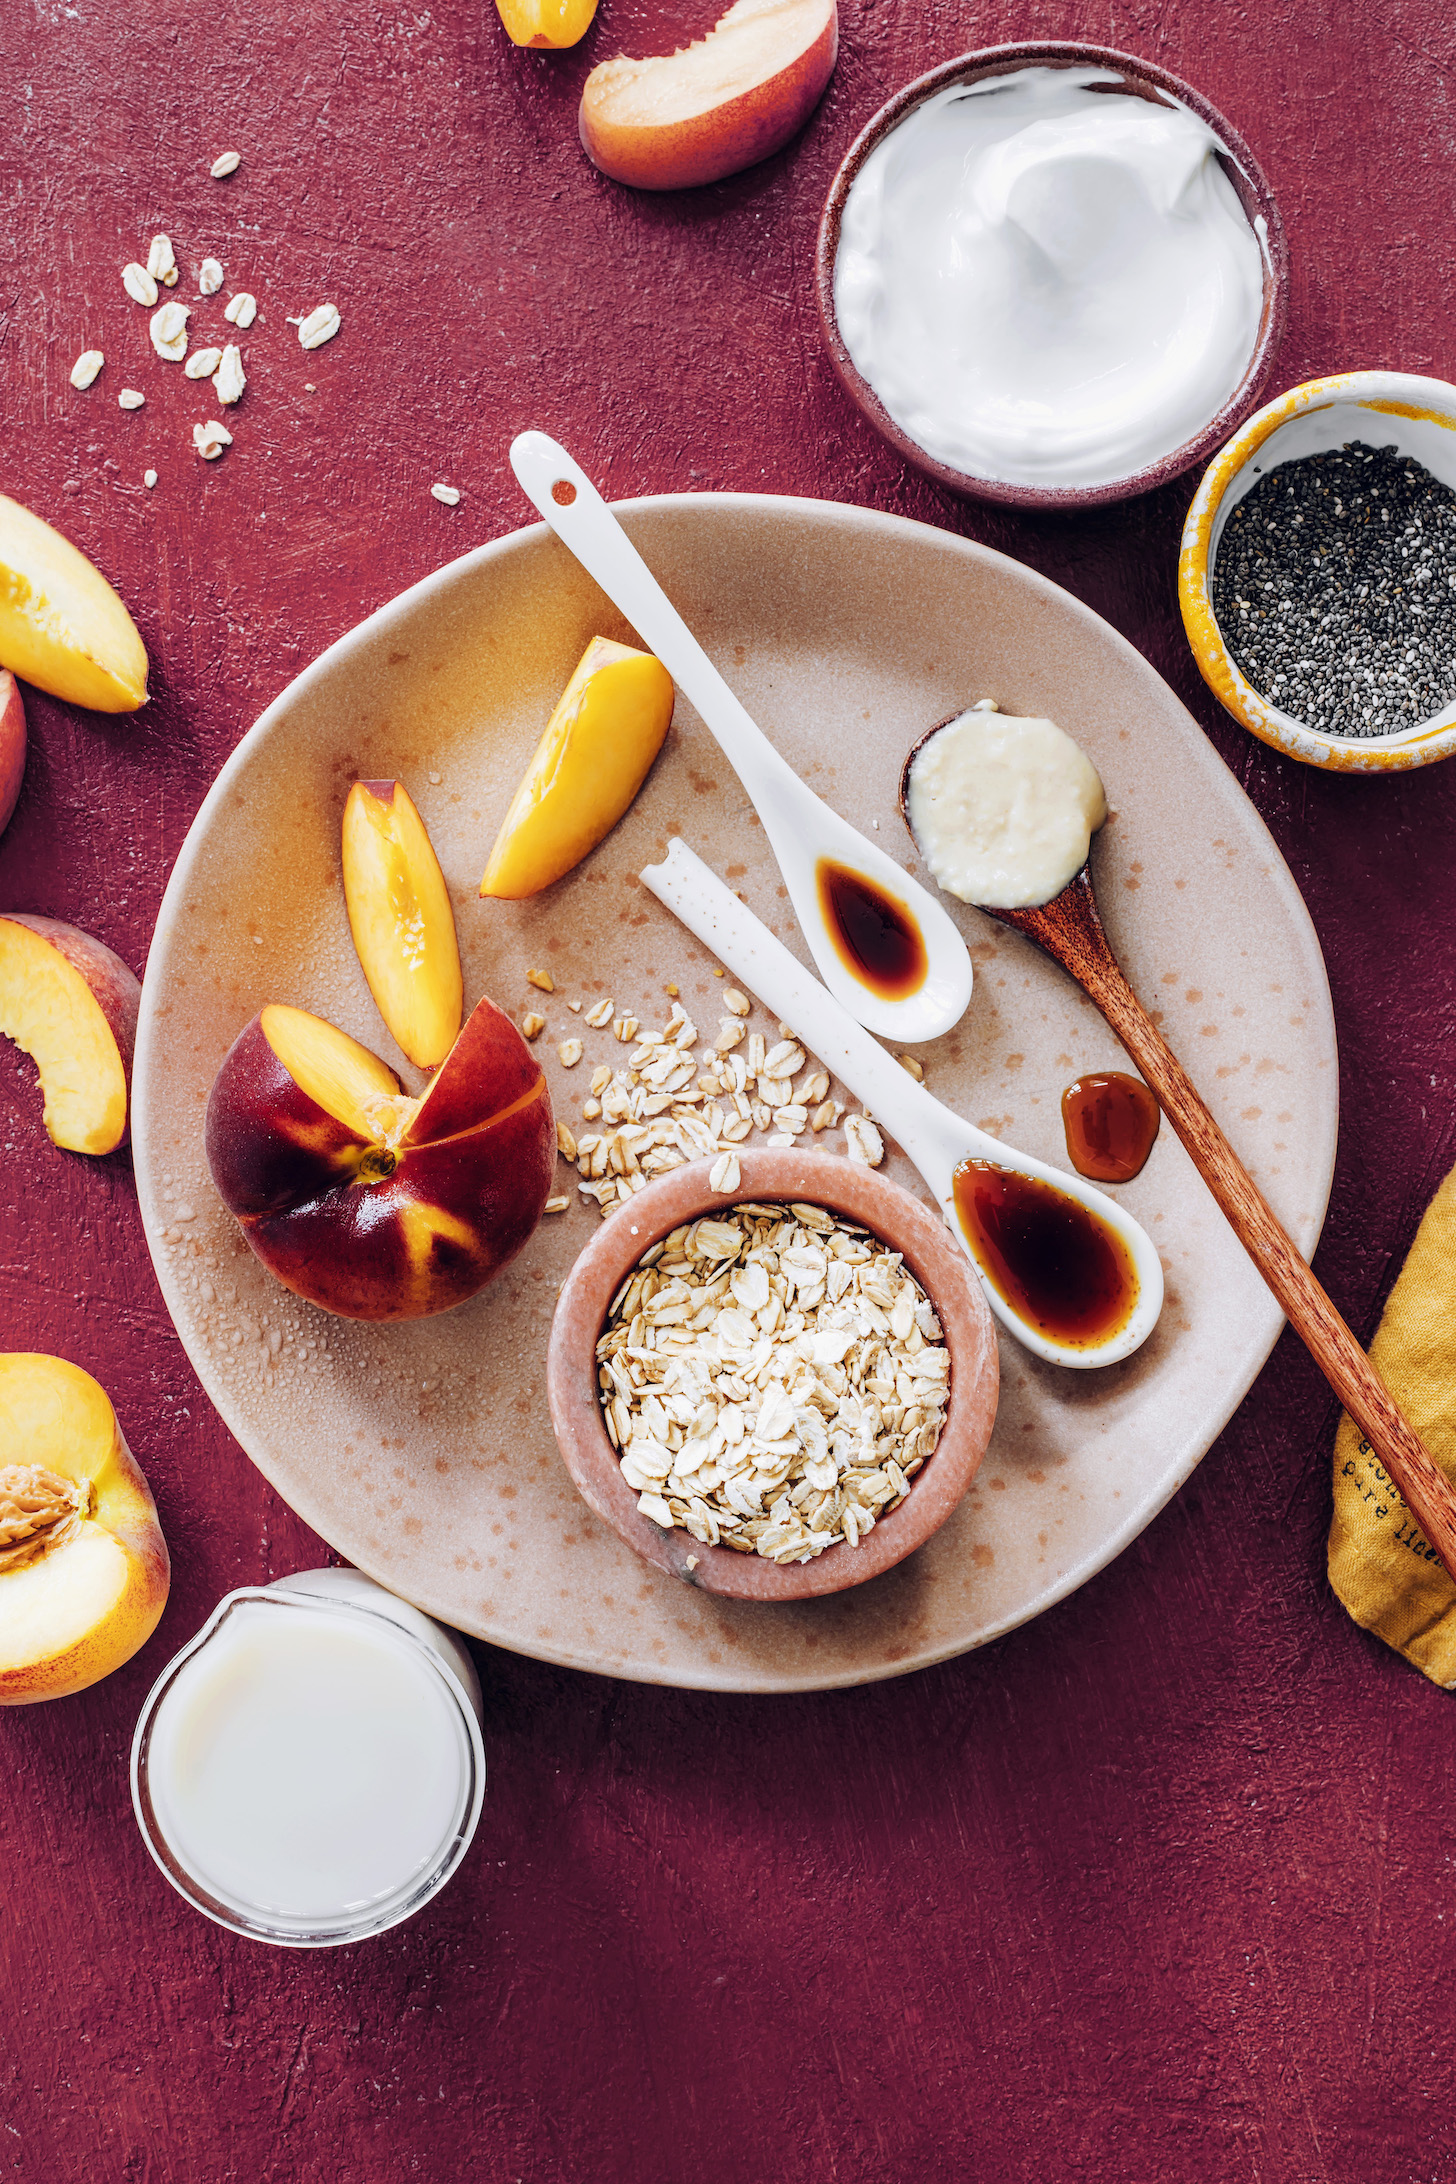 Hindistan cevizi yoğurdu, chia tohumları, hindistancevizi yağı, vanilya, akçaağaç şurubu, yulaf, badem sütü ve şeftali